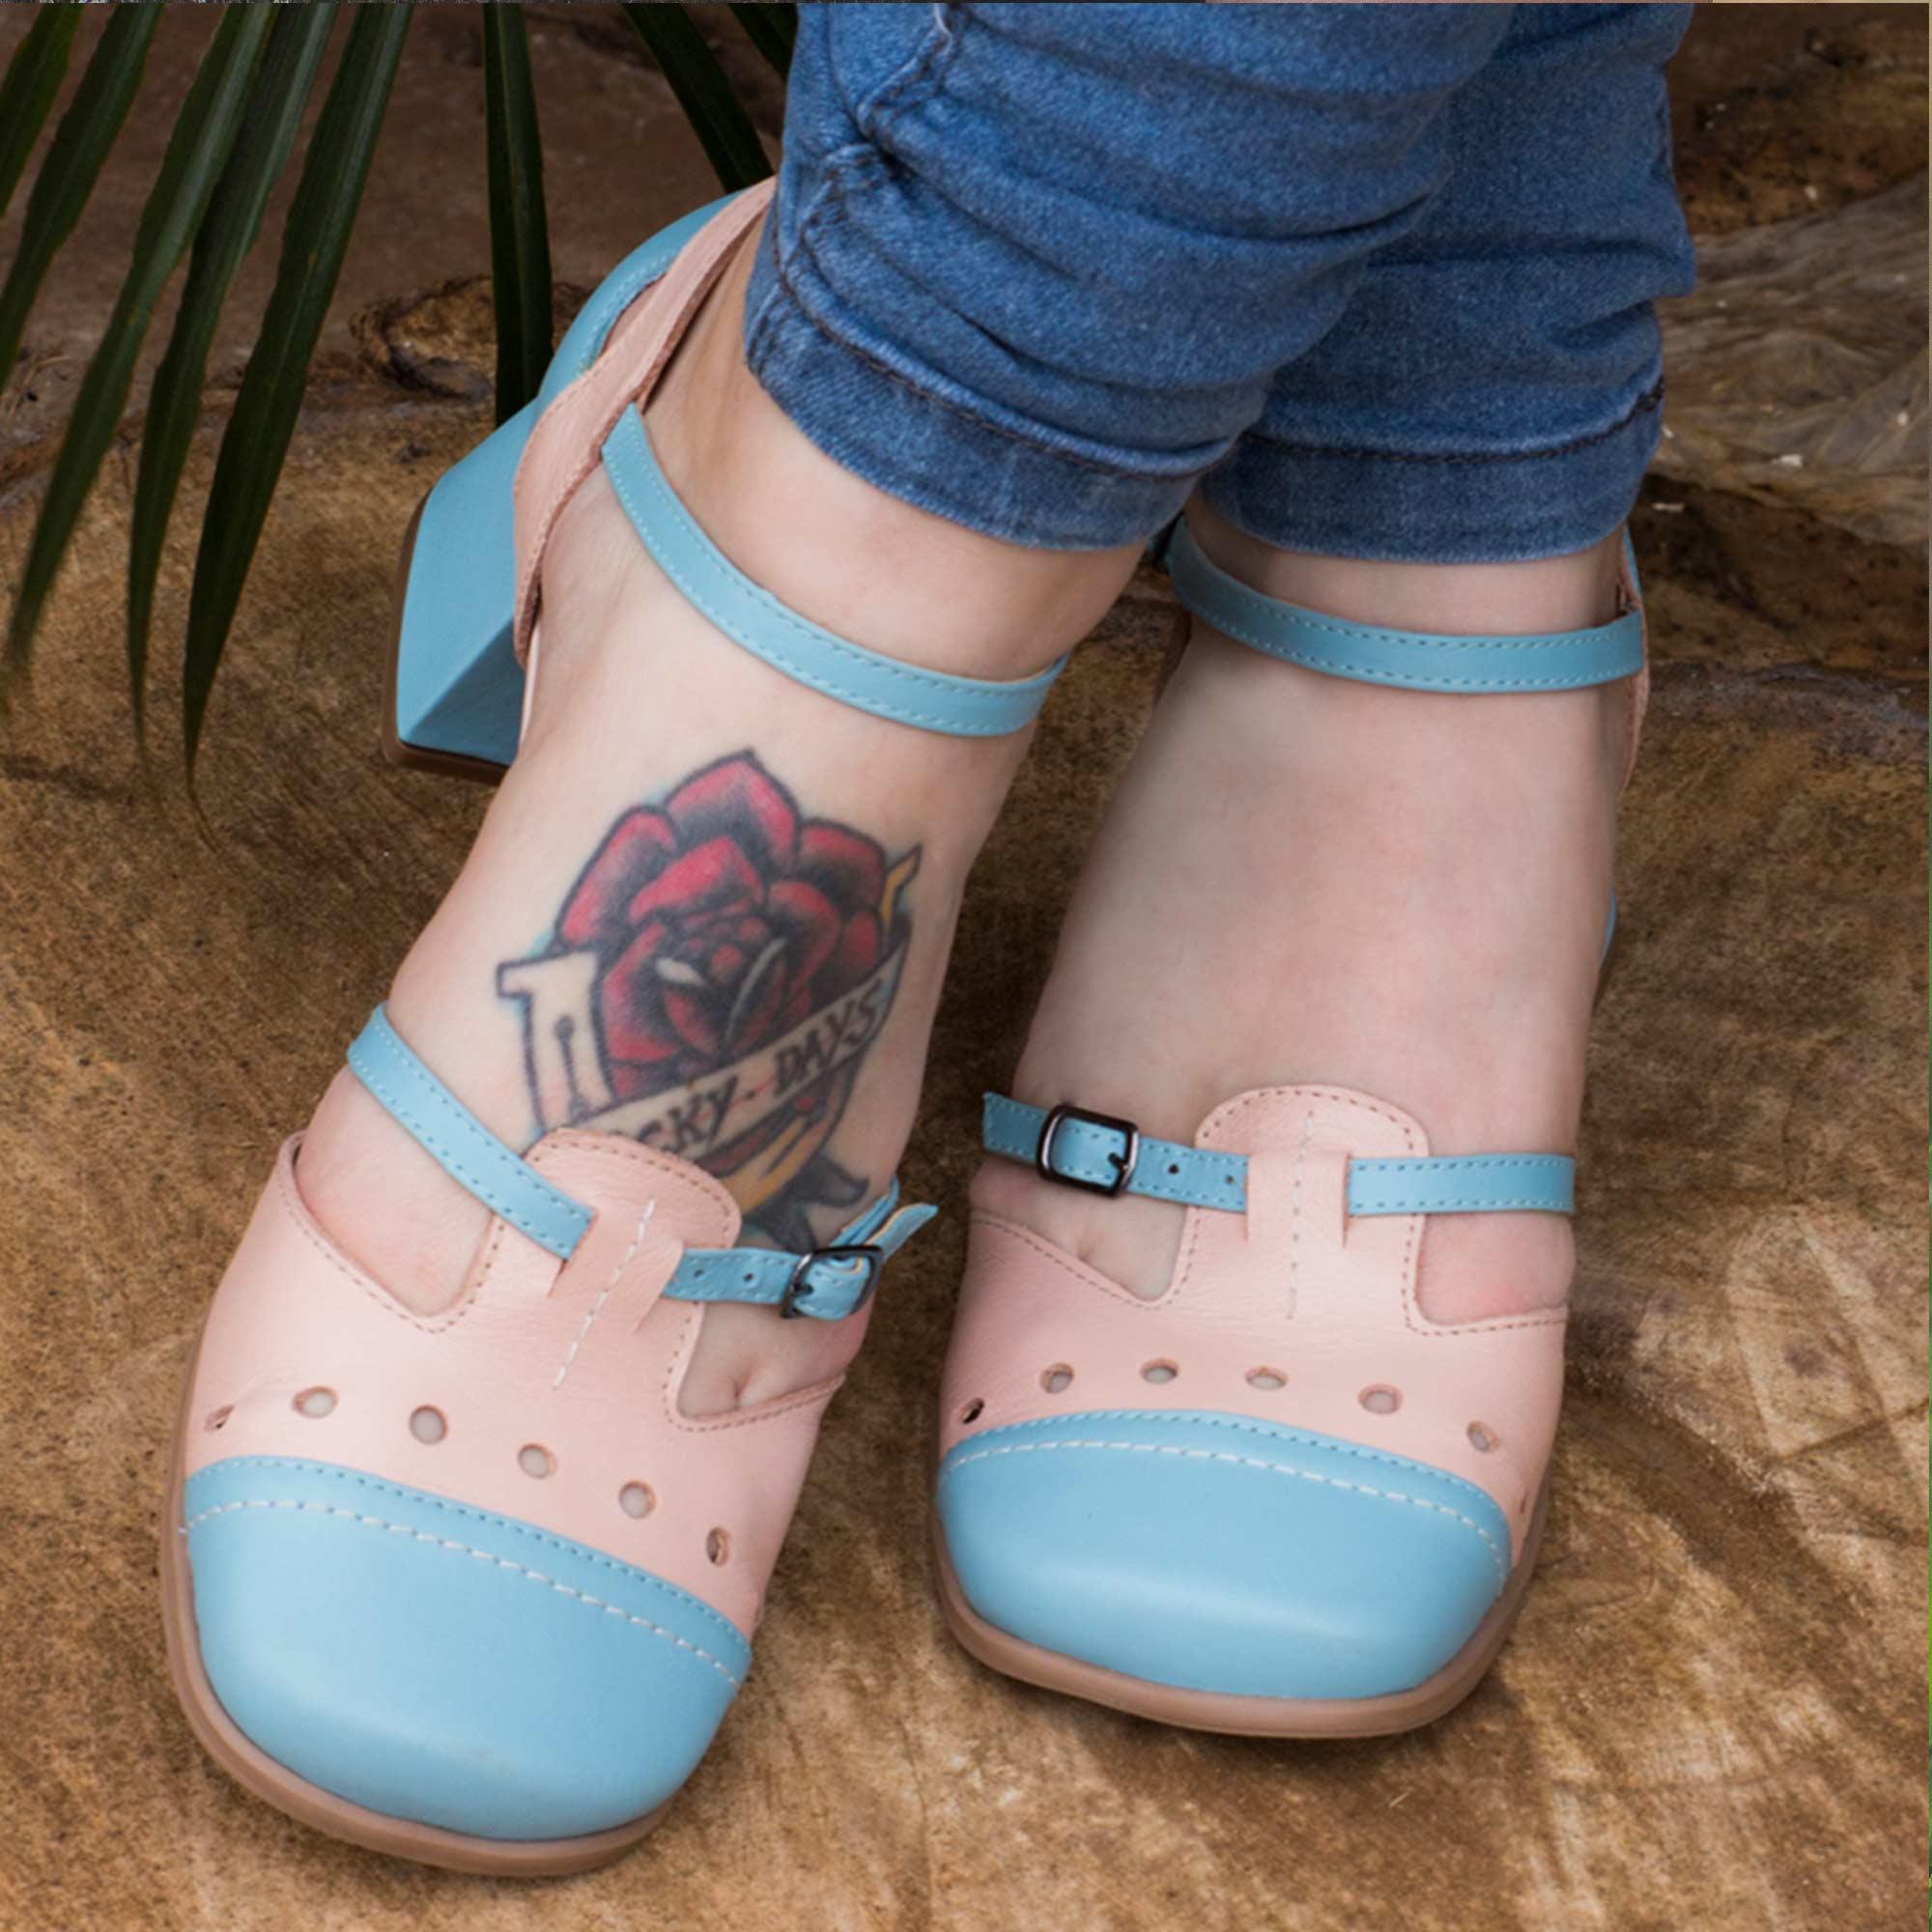 Sapato Boneca Retrô em couro Lolly